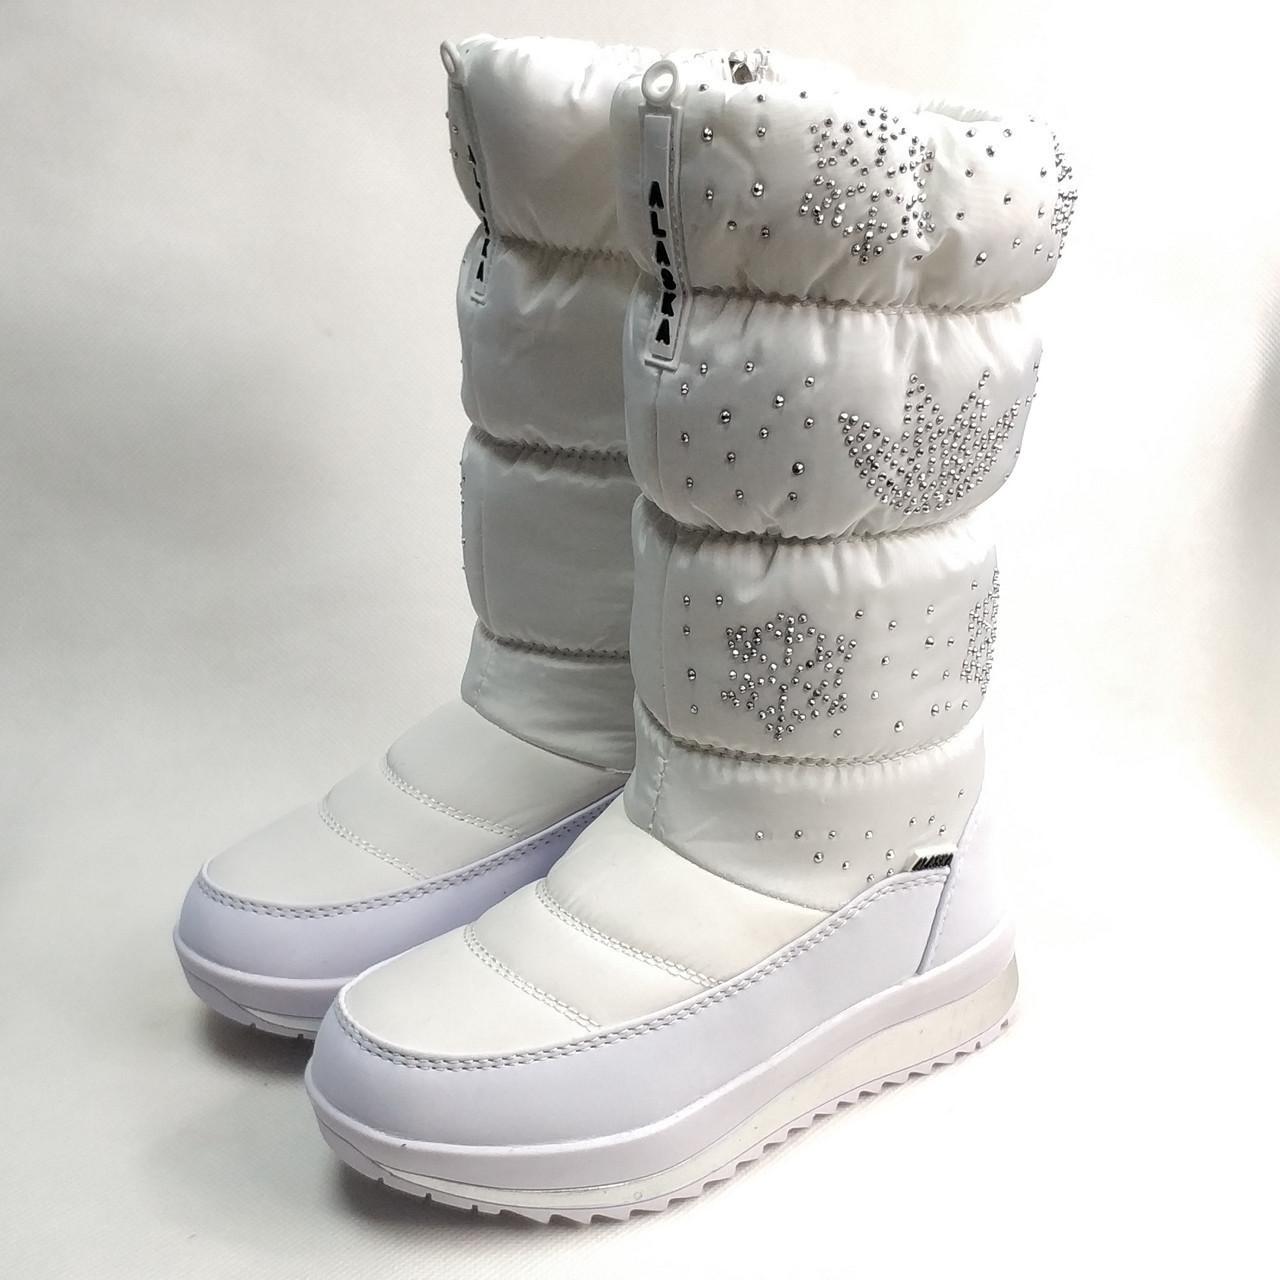 Детские подростковые дутики зимние сапоги на зиму для девочки белые Alaska 35р.